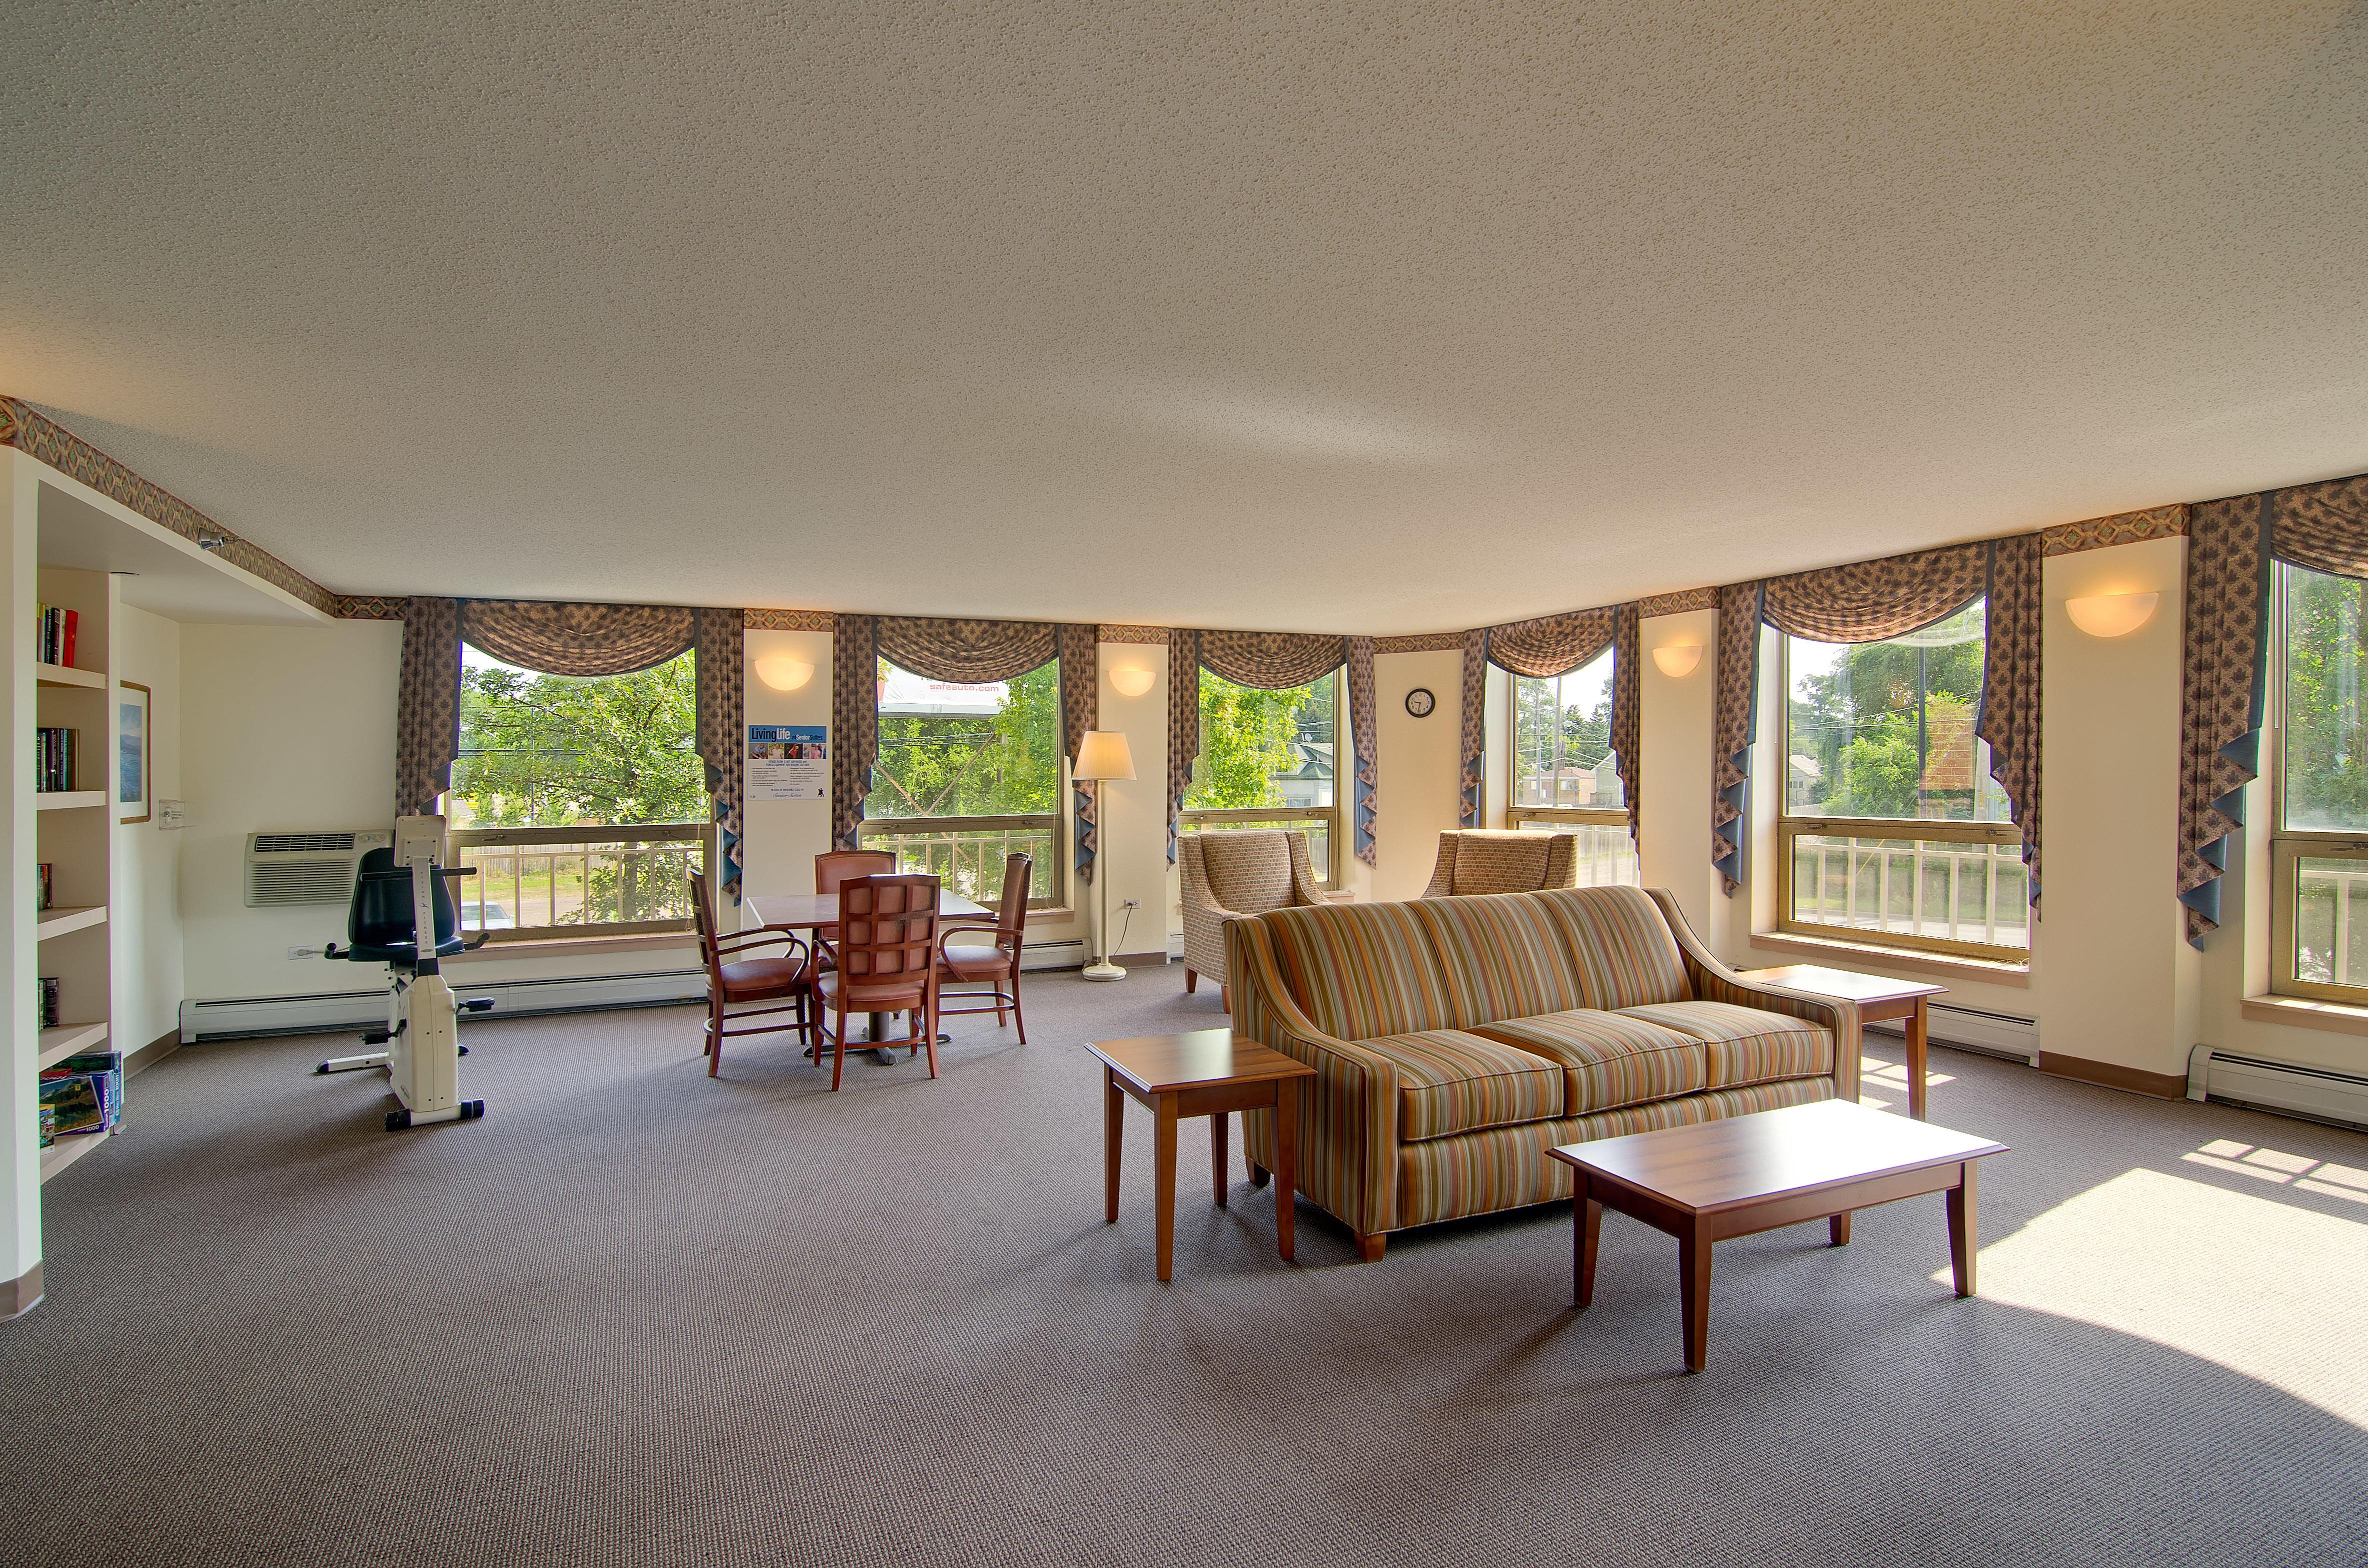 Senior Suites of Hegewisch image 1